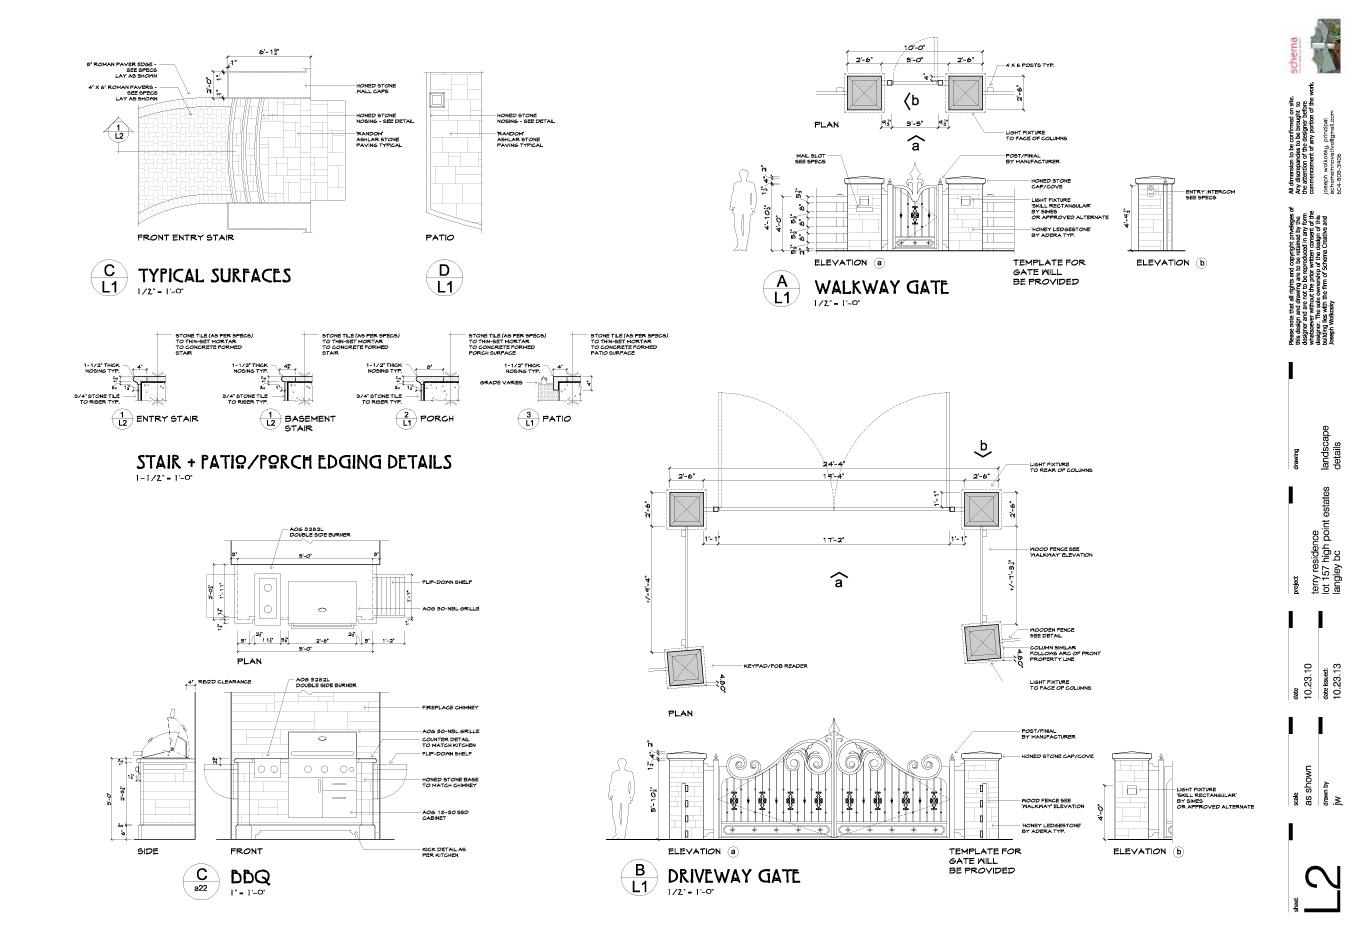 L2-LANDSCAPE-DETAILS